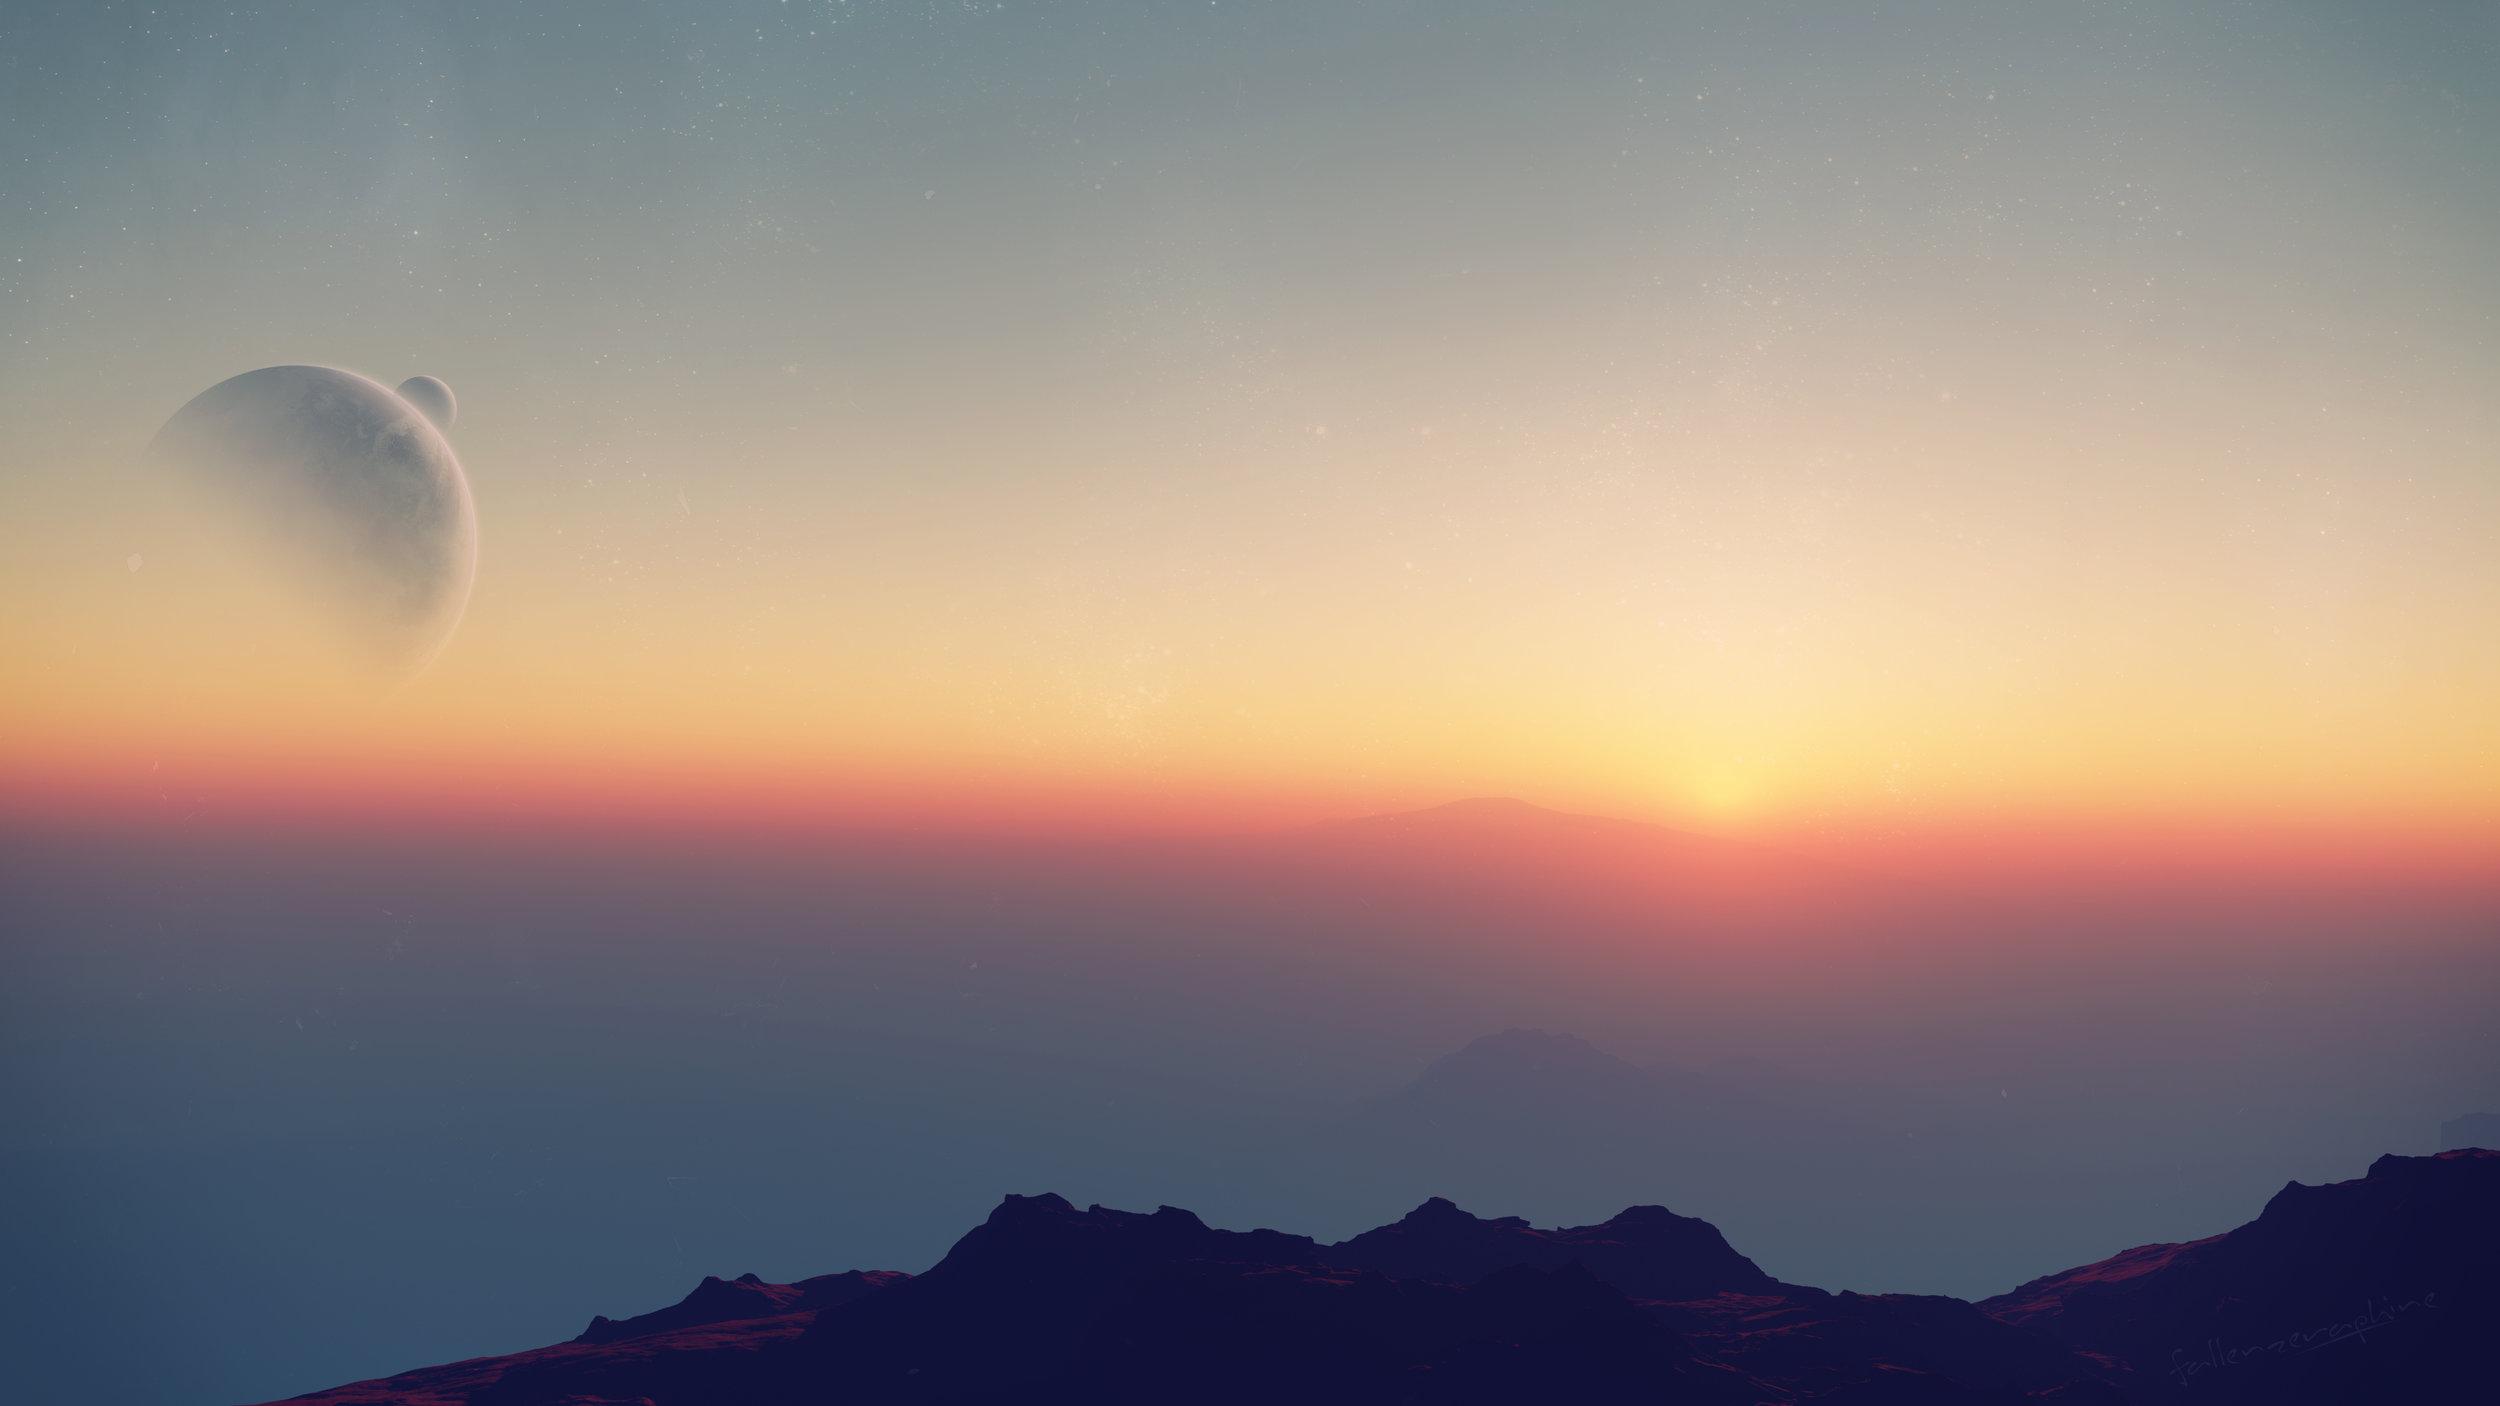 1378-interstellar-sunrise-wimukthi-bandara